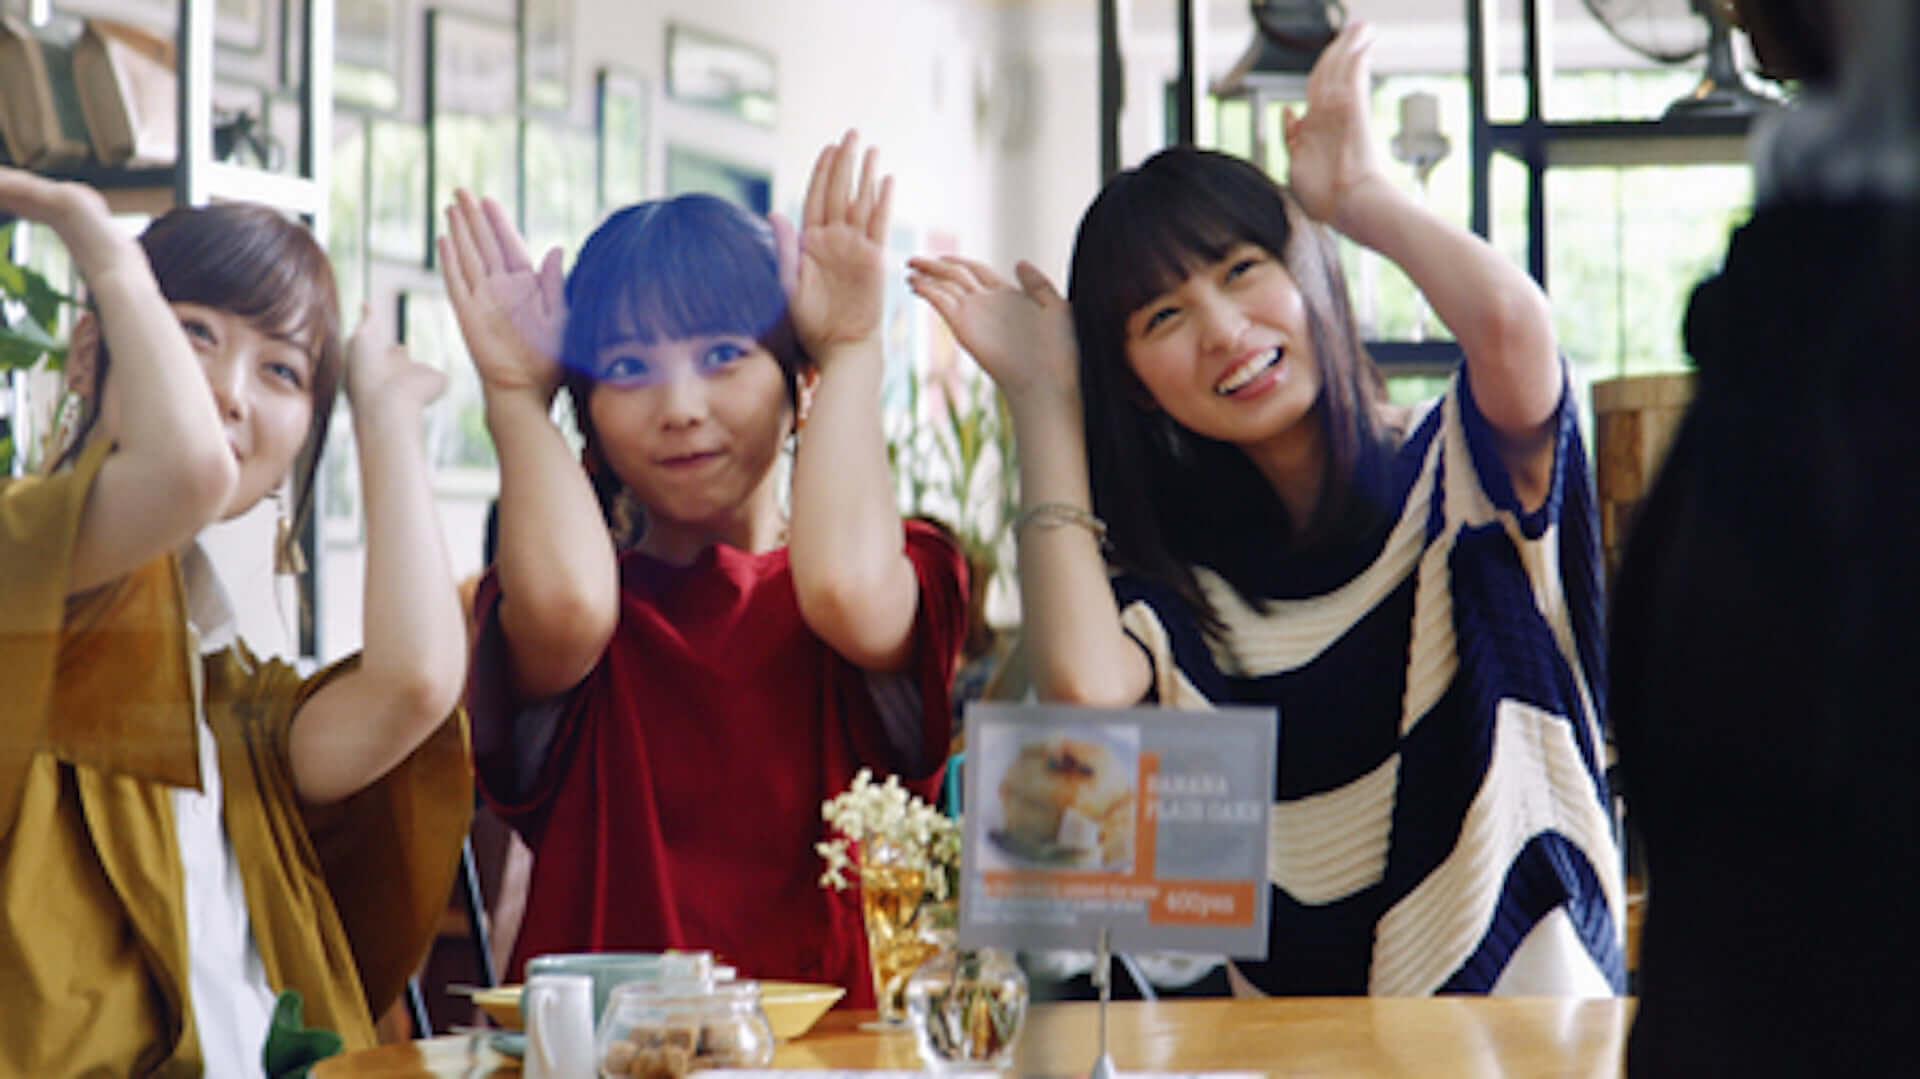 乃木坂46と「ポケモンGO」で毎日を楽しもう!<#好きなようにGOしよう>キャンペーン開始 technology190801pokemon-go_7-1920x1079